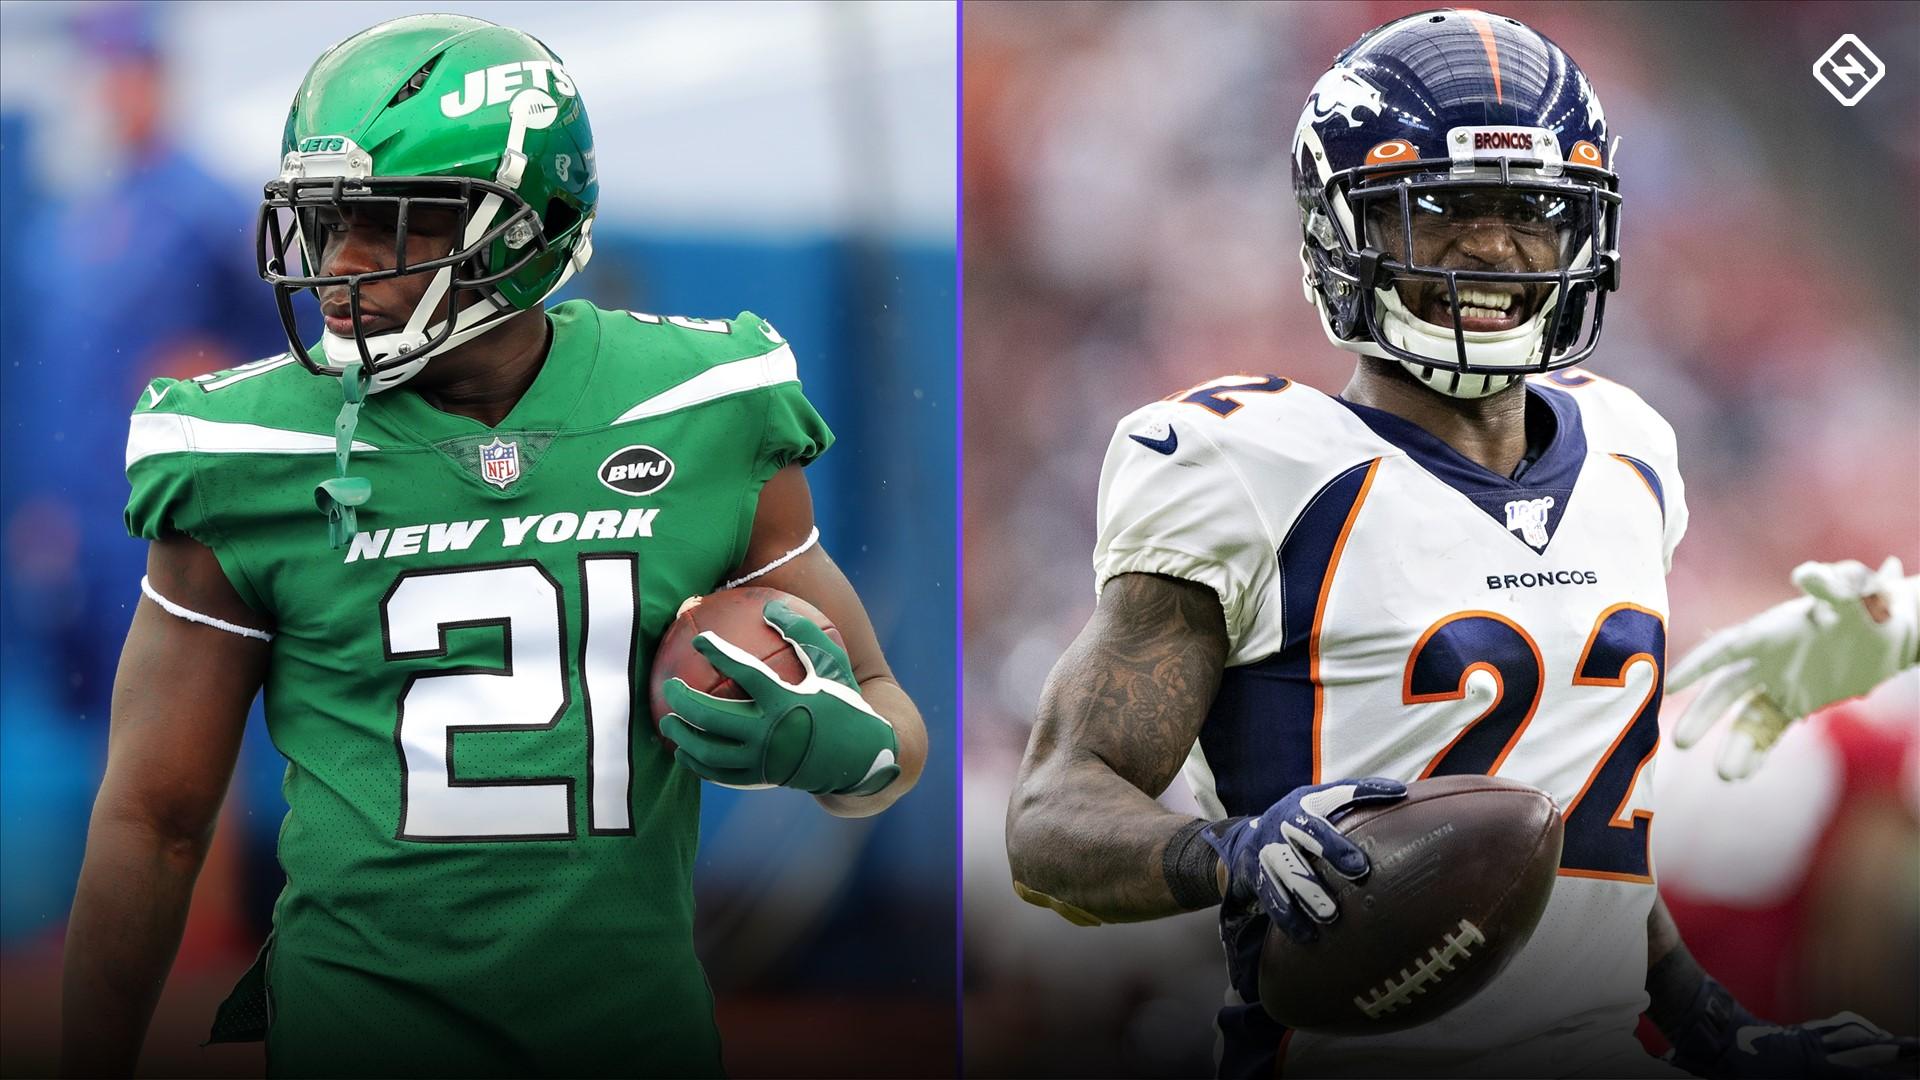 A Che Ora E La Partita Della Nfl Stasera Programma Tv Canale Per Jets Vs Broncos Nella Settimana 4 Notizie H24